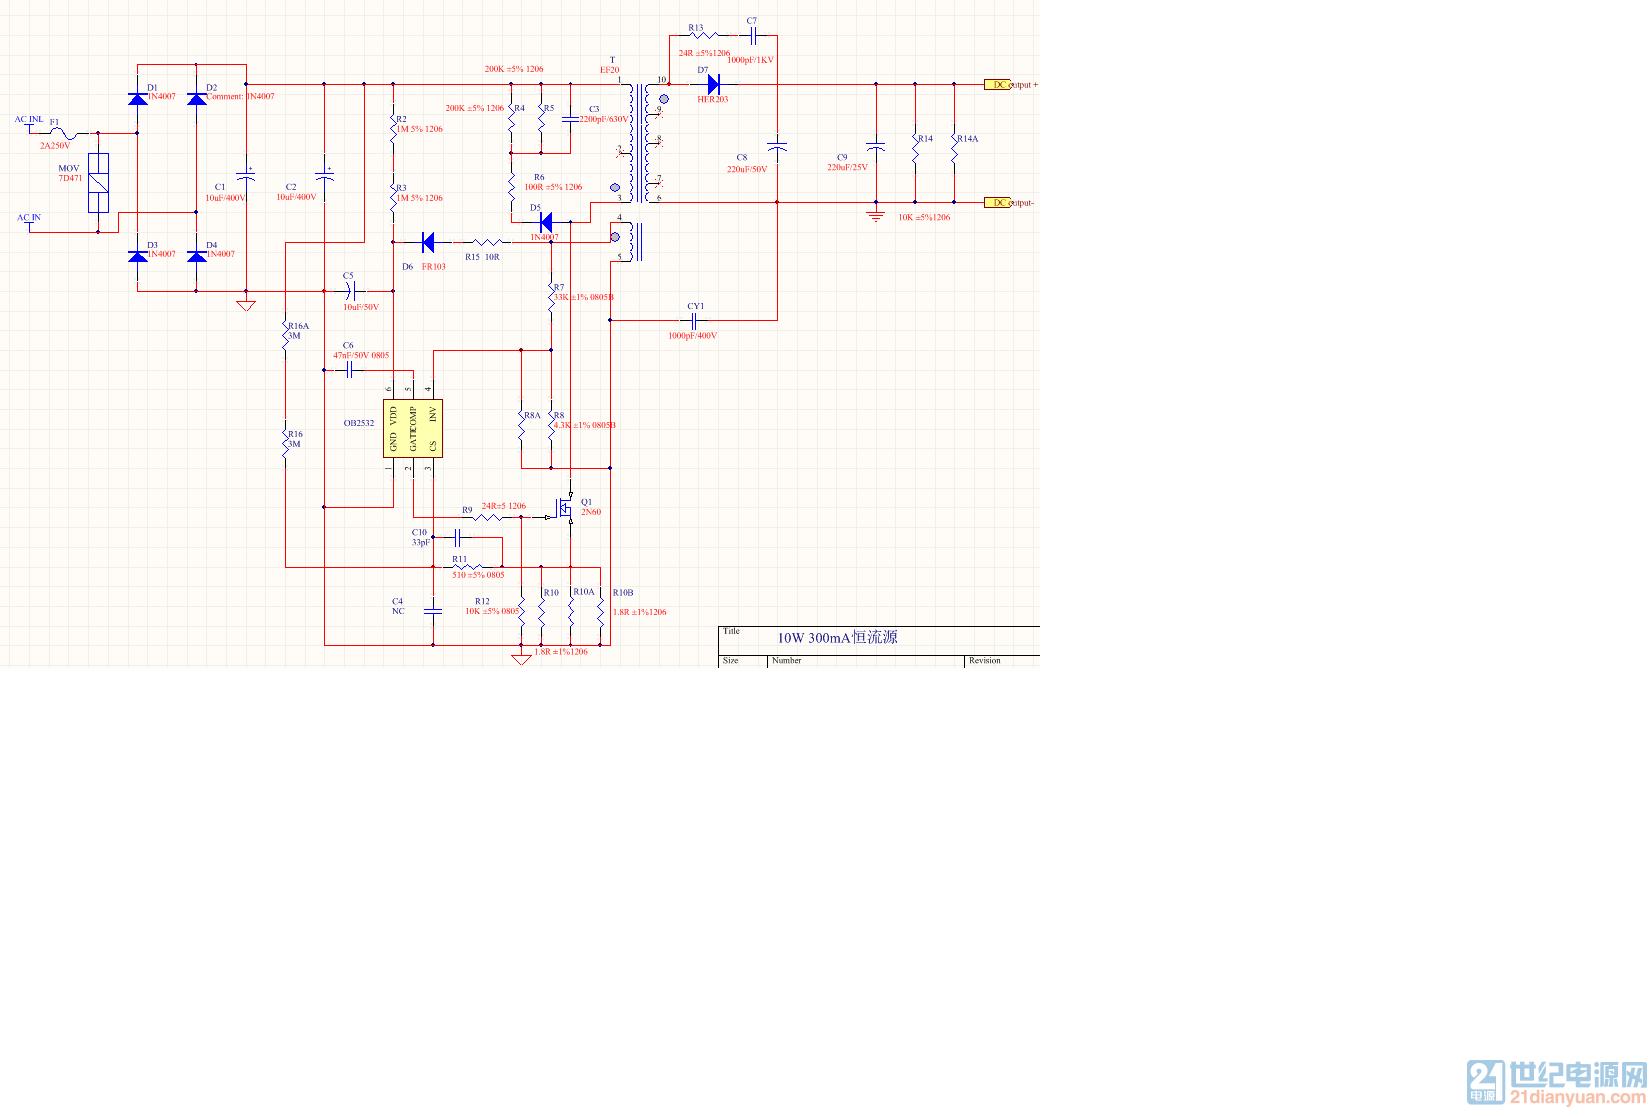 请问原理图中的电源回路有哪些,ic和mos管附件各元件的作用.